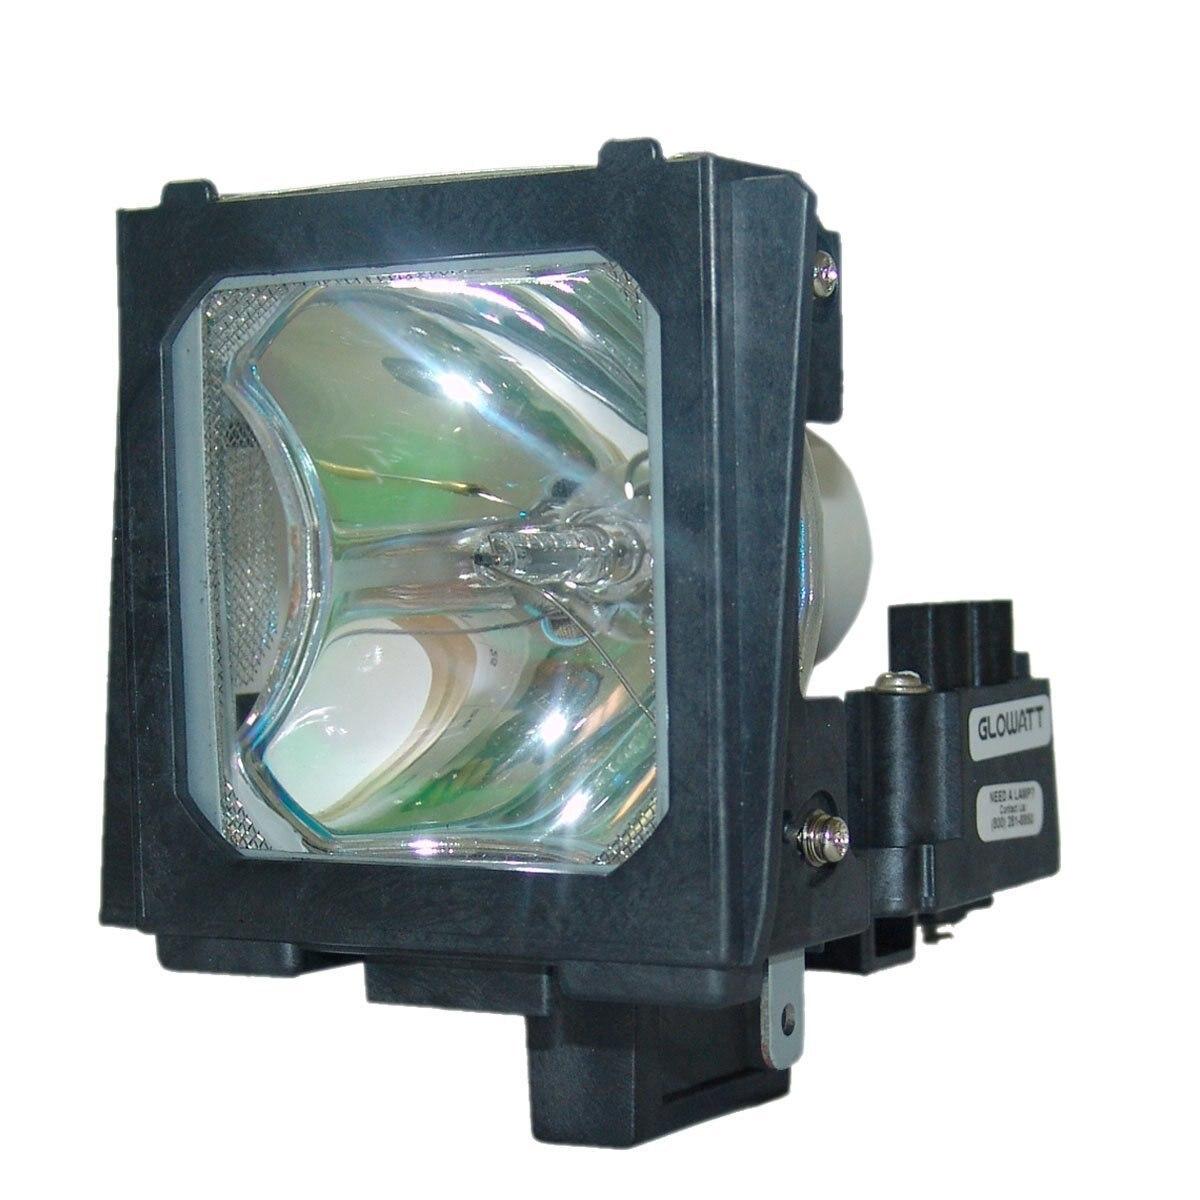 Projector Lamp Bulb AN-C55LP ANC55LP C55LP for SHARP XG-C55X XG-C60X XG-C68X with housing an c55lp replacement projector lamp with housing for sharp xg c55 xg c58 xg c58x xg c60 xg c68